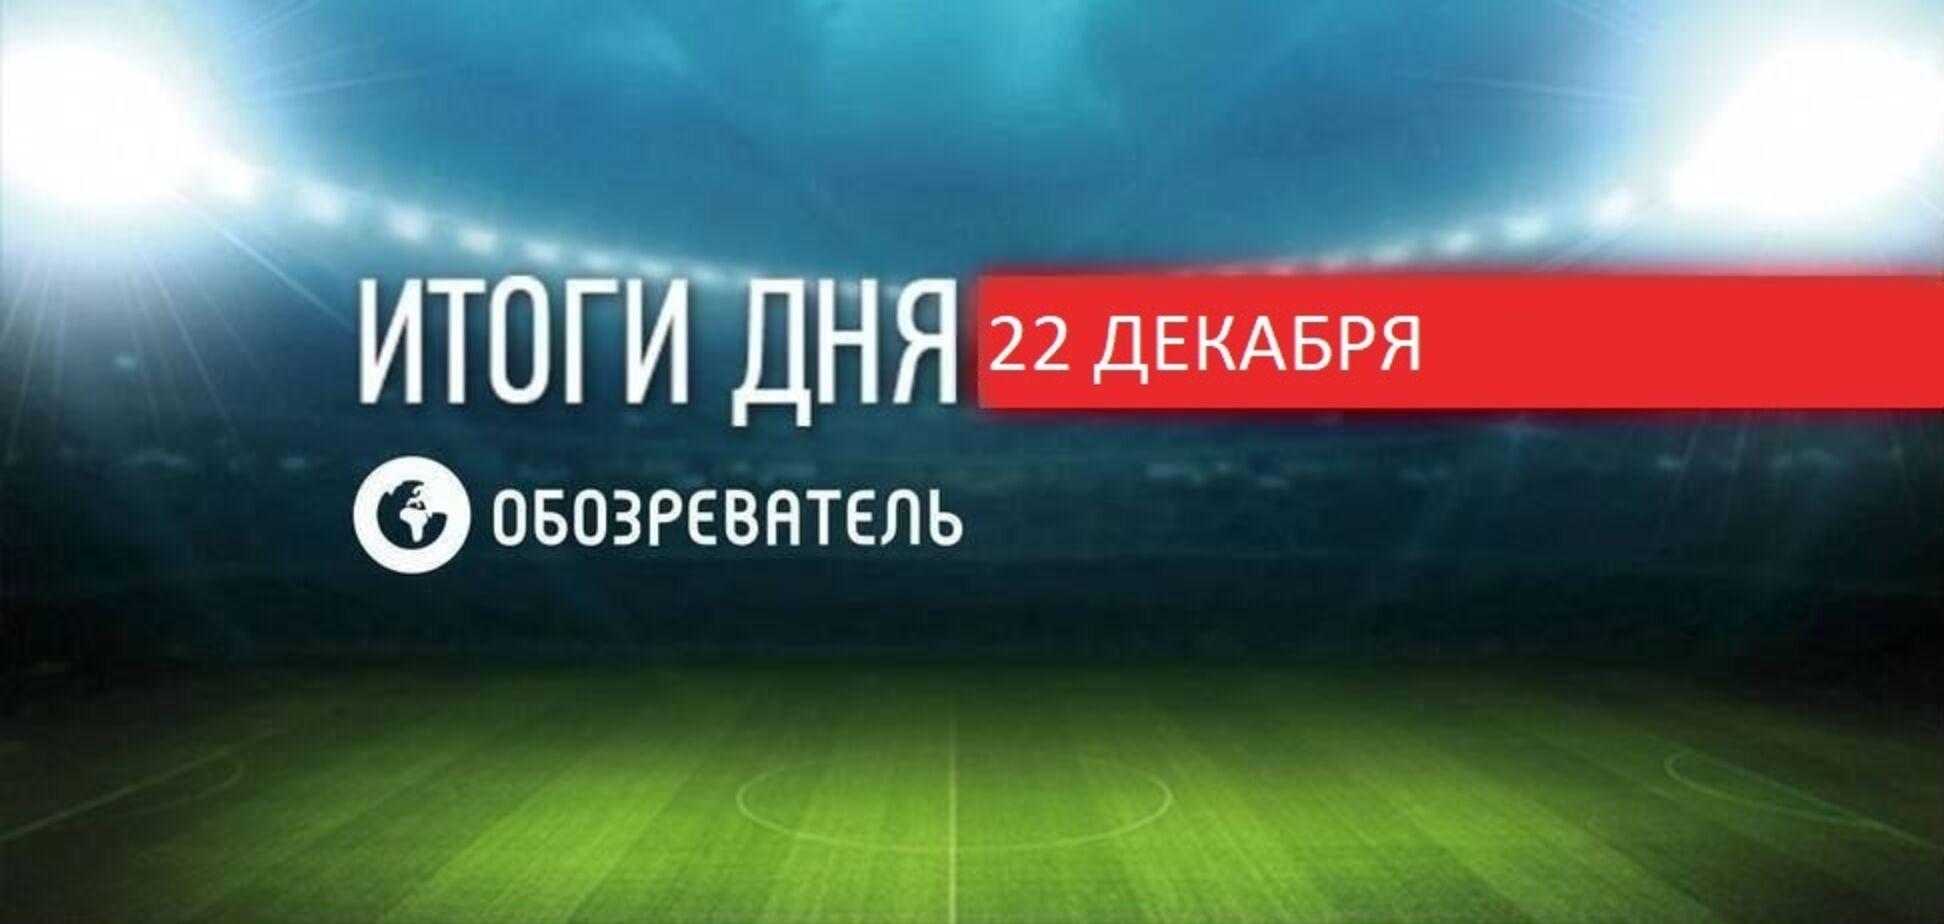 Лопес обматерил Ломаченко: спортивные итоги 22 декабря